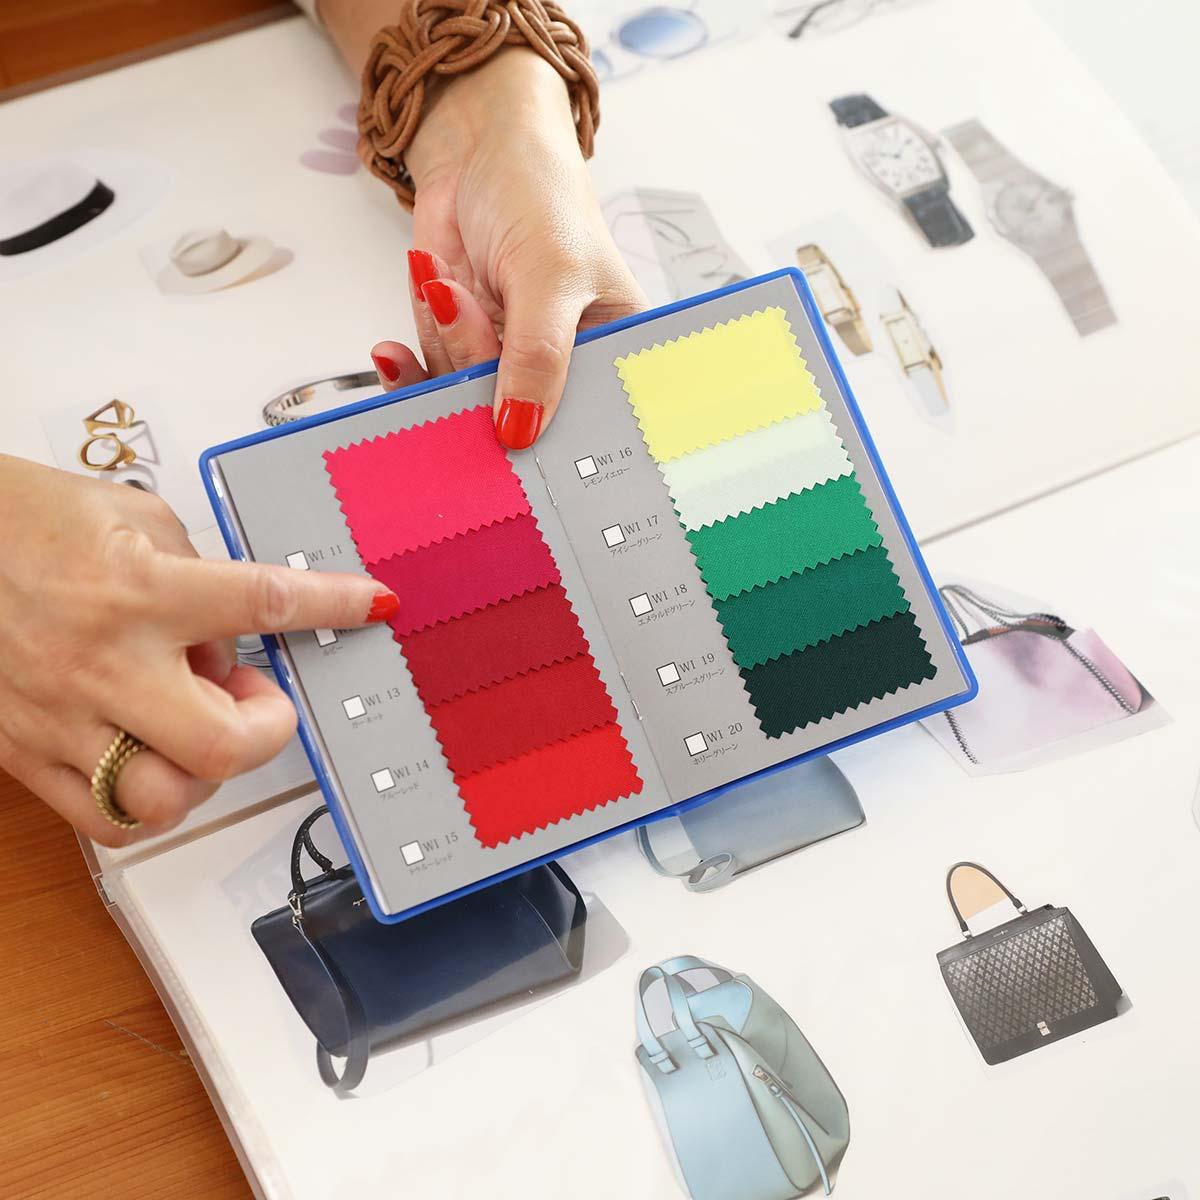 お買物時に重宝する色見本